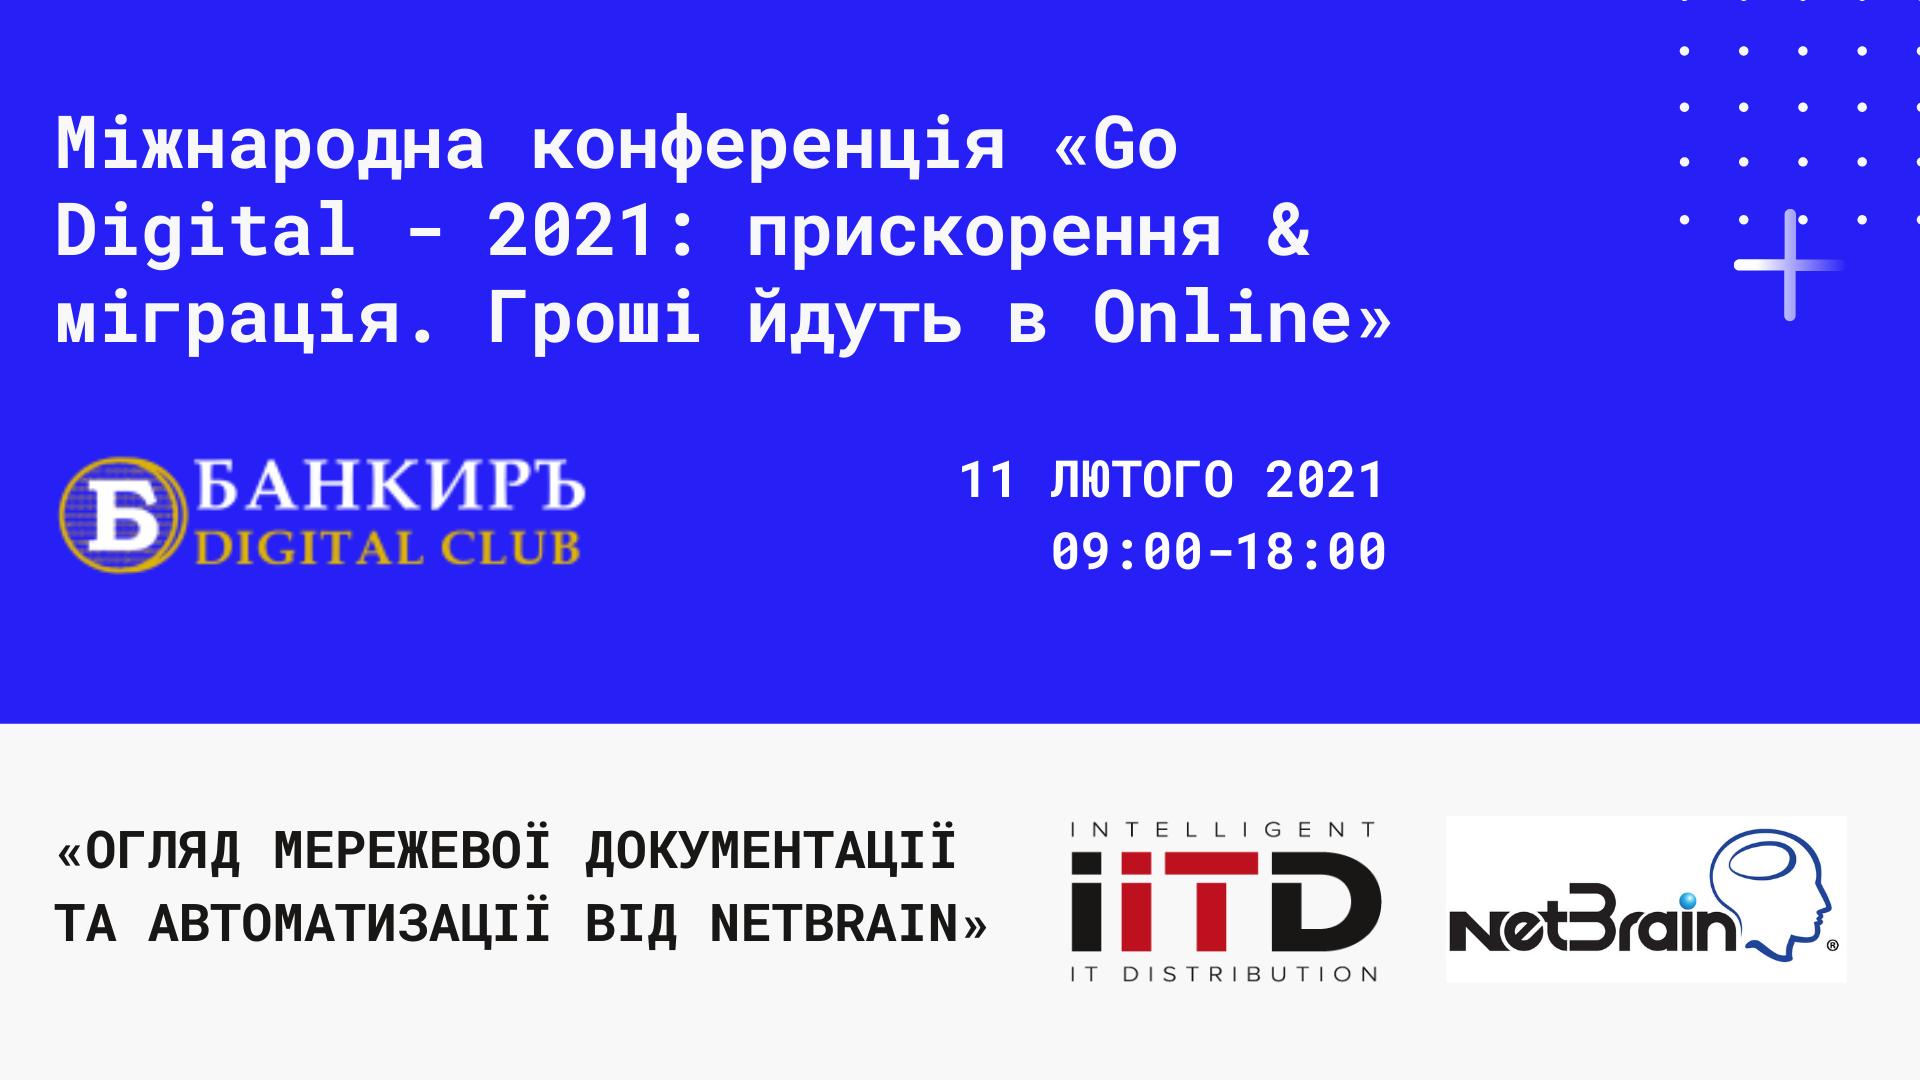 Міжнародна конференція «Go Digital - 2021: прискорення & міграція. Гроші йдуть в Online»!